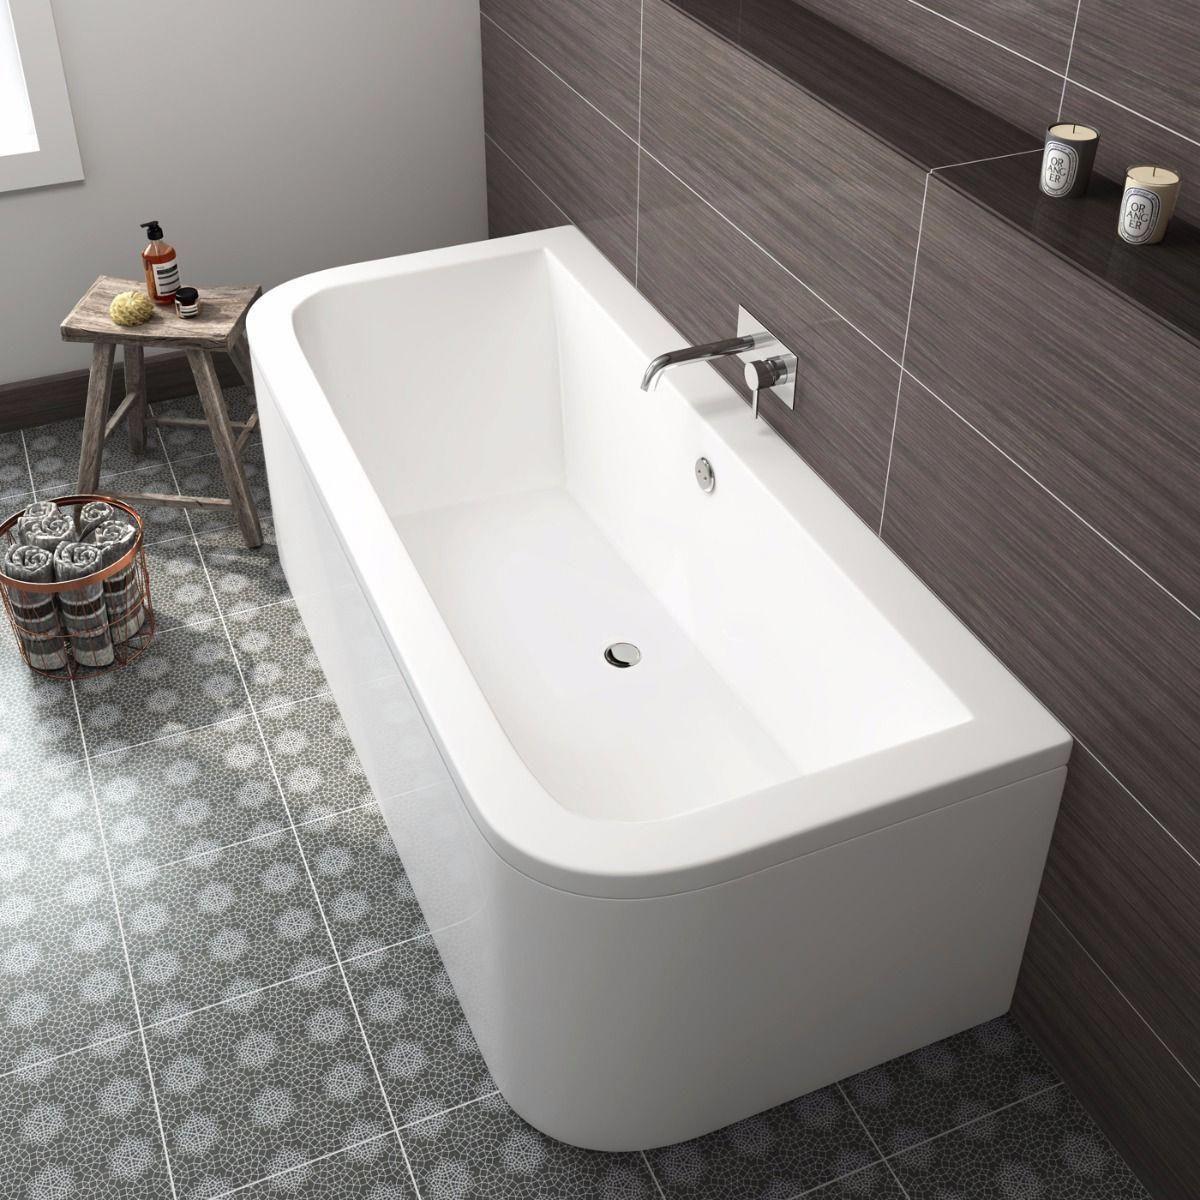 32 Rustic To Ultra Modern Master Bathroom Ideas To Inspire Your Next Renovation In 2020 Mit Bildern Badezimmer Klein Badezimmer Bad Inspiration